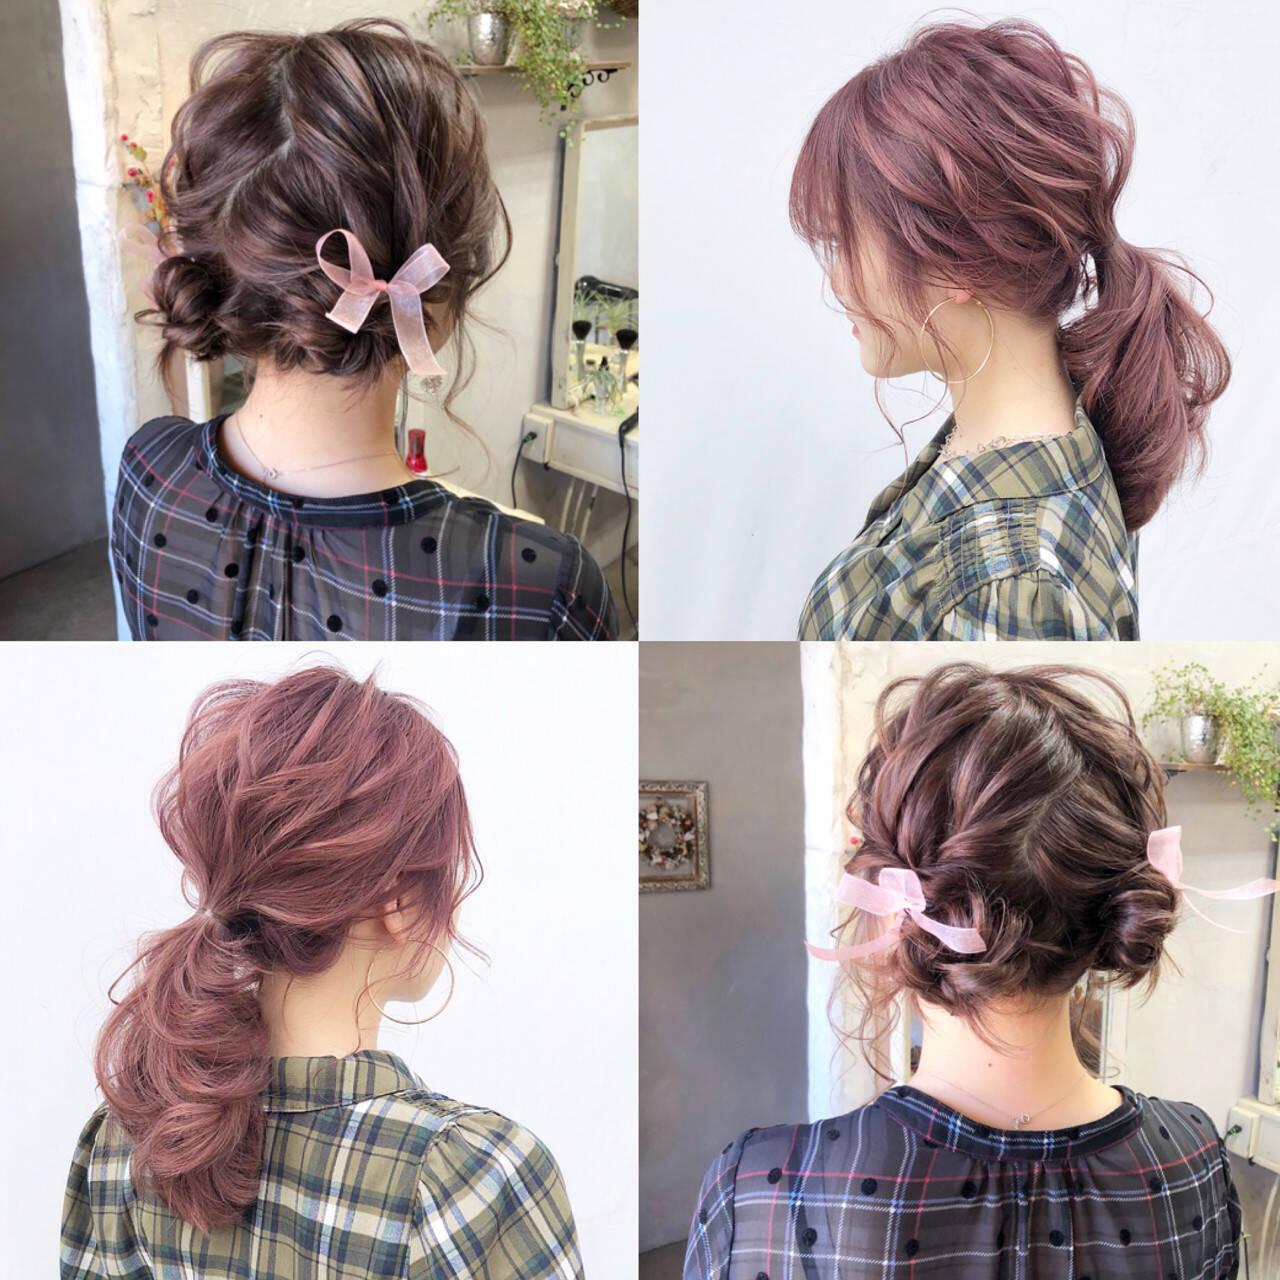 大人かわいい ヘアアレンジ ローポニーテール 簡単ヘアアレンジヘアスタイルや髪型の写真・画像